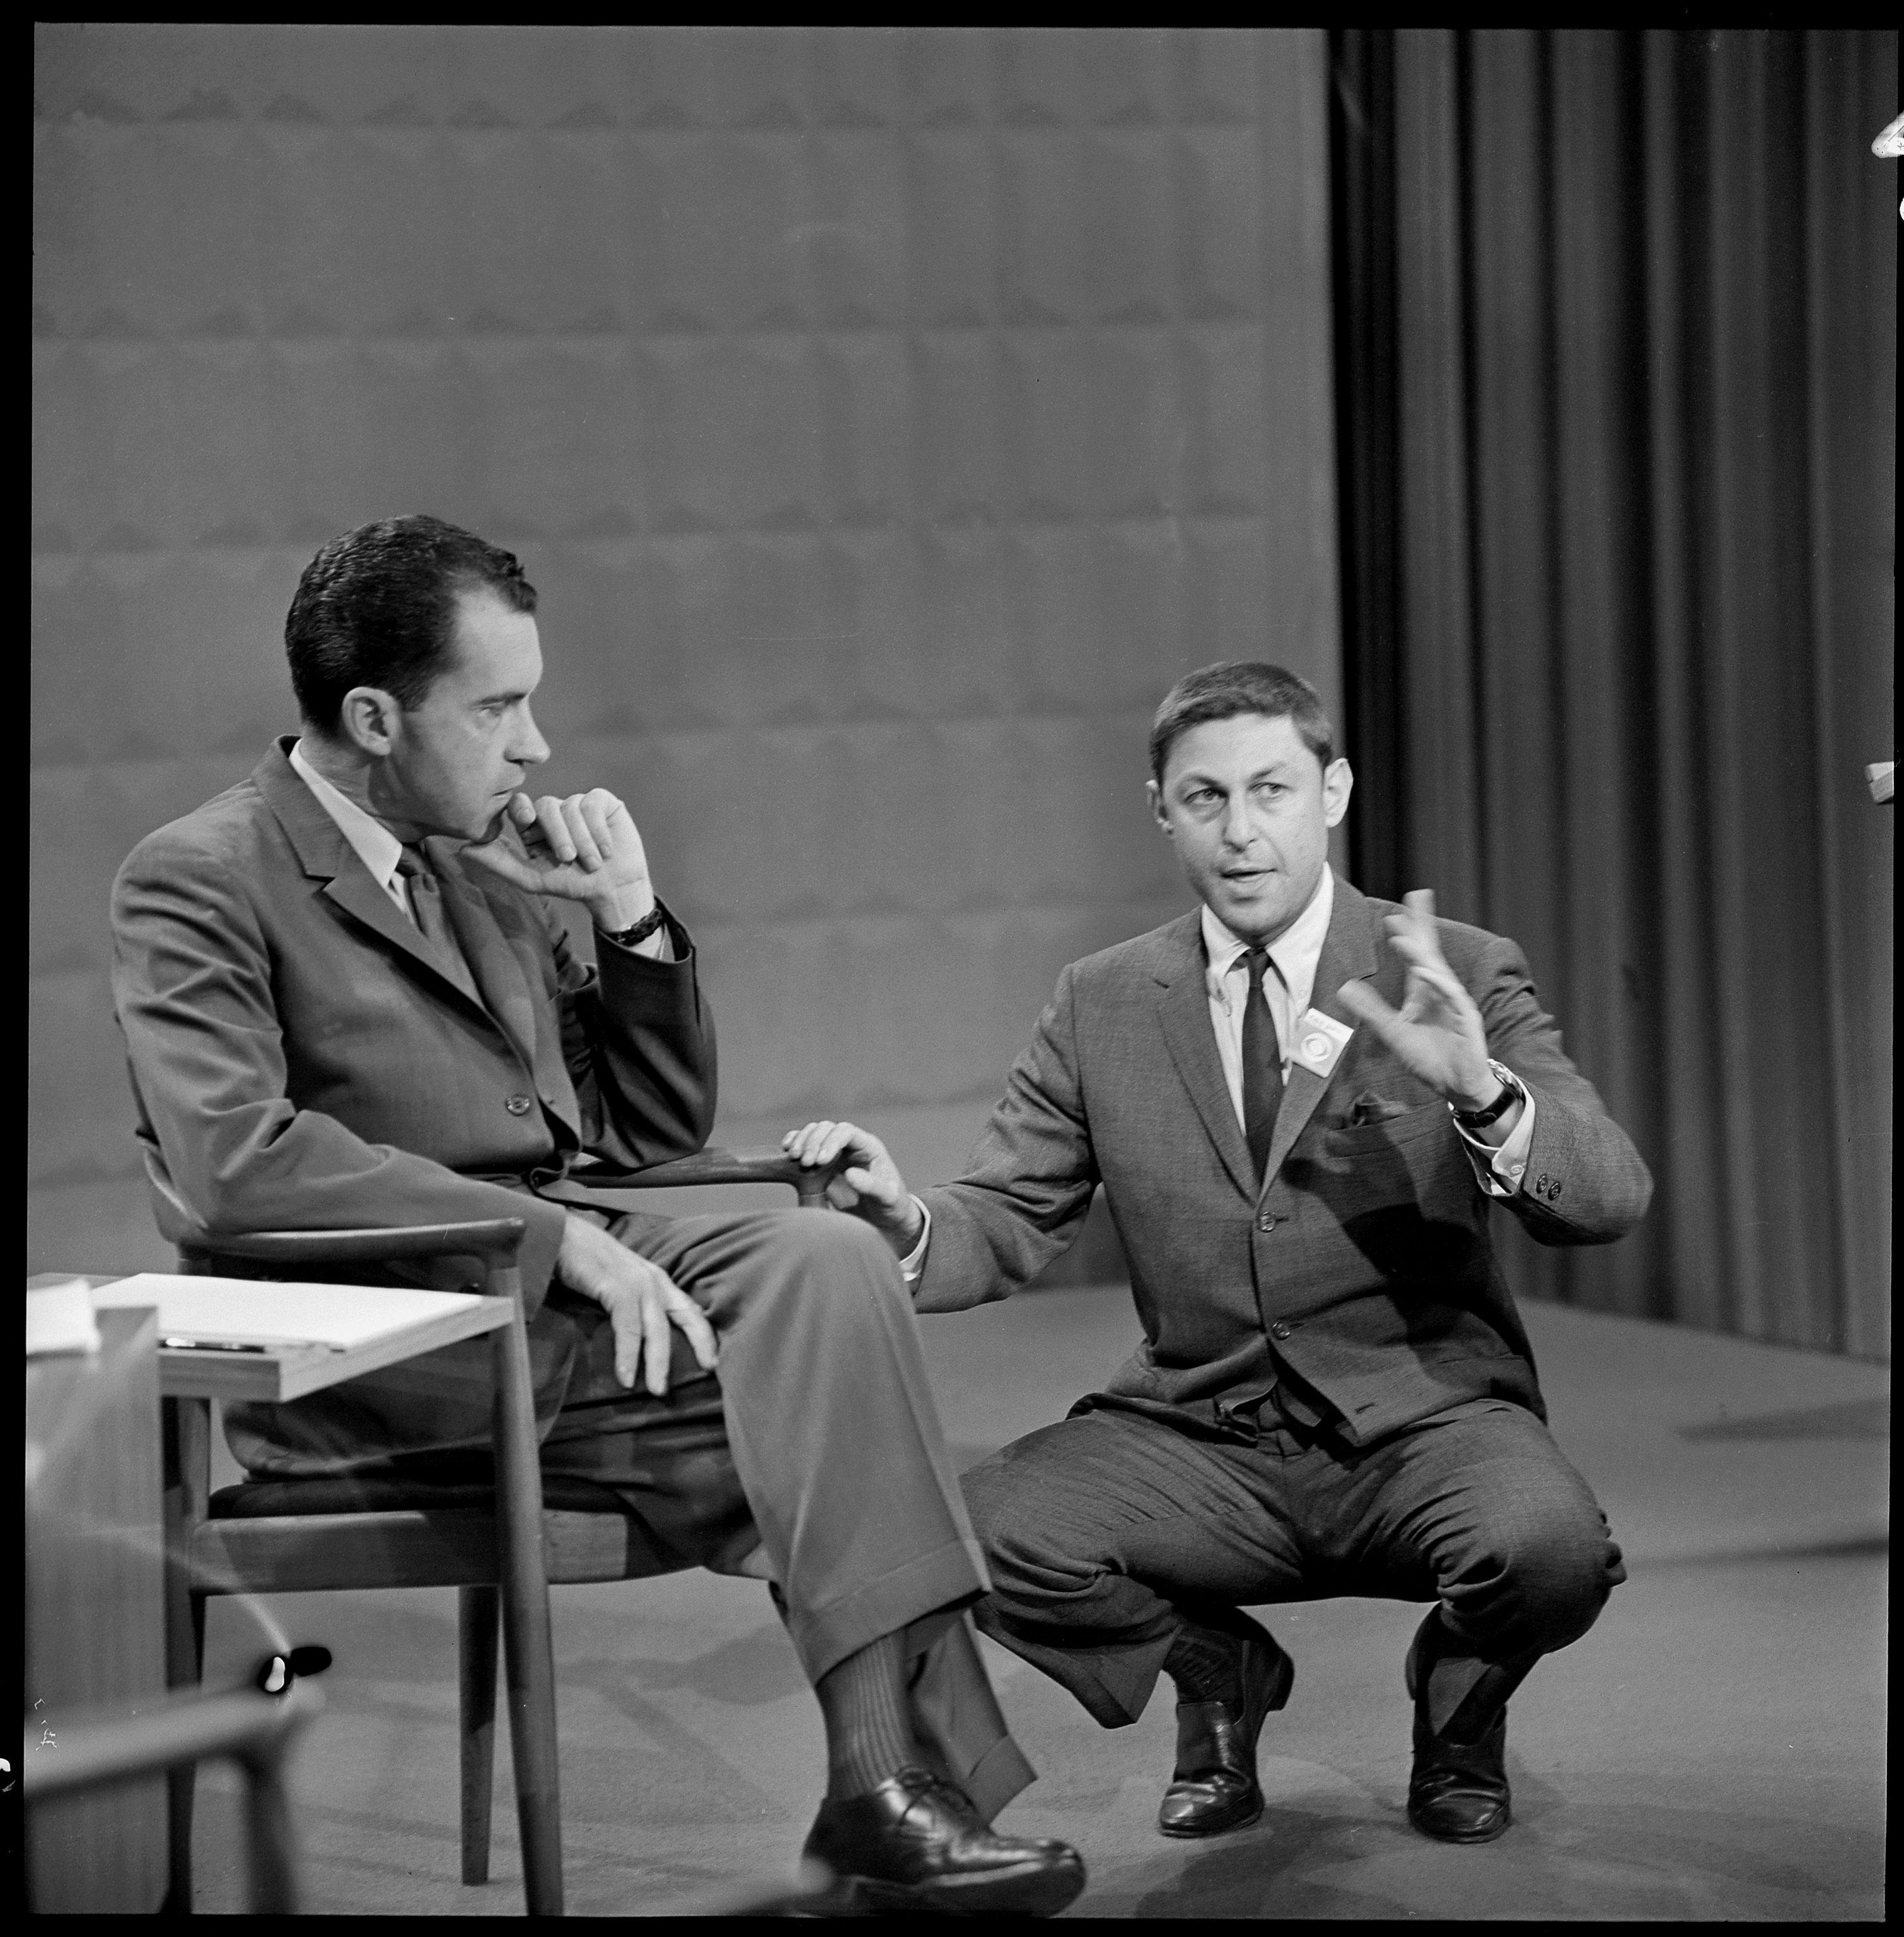 kennedy and nixon meet in first televised presidential debate